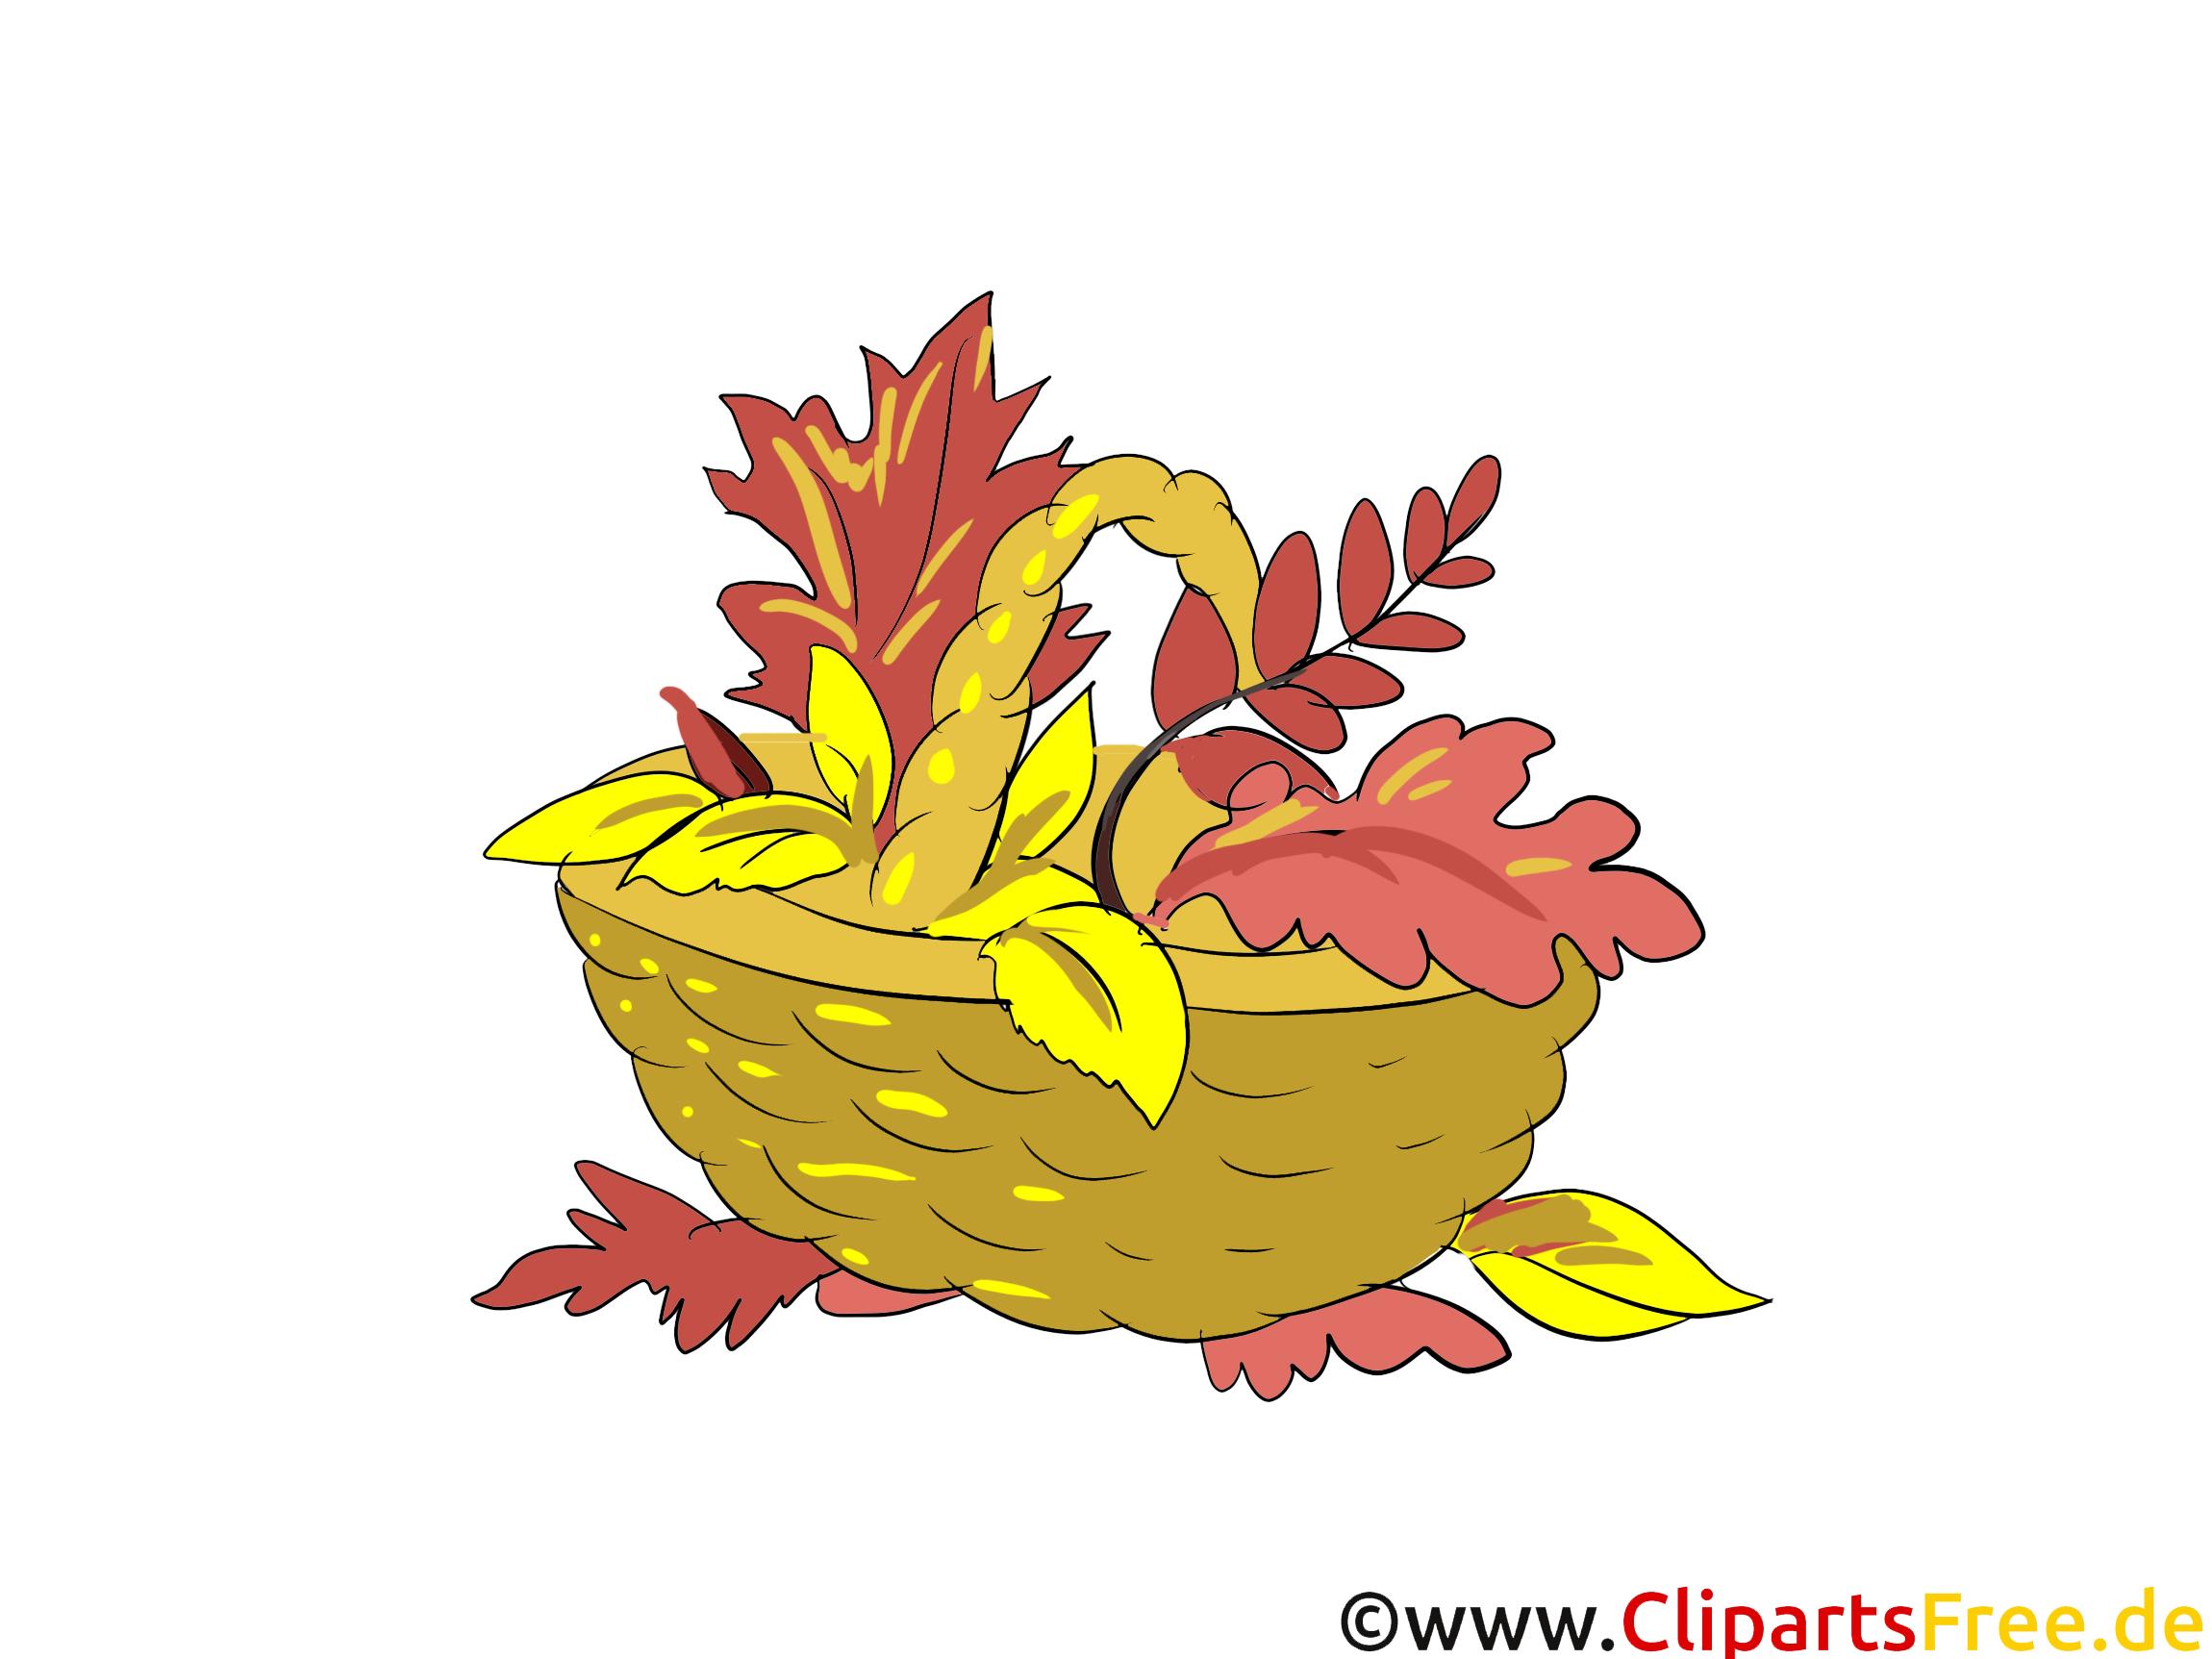 Bilder runterladen kostenlos - Korb mit gelben Blättern im Herbst